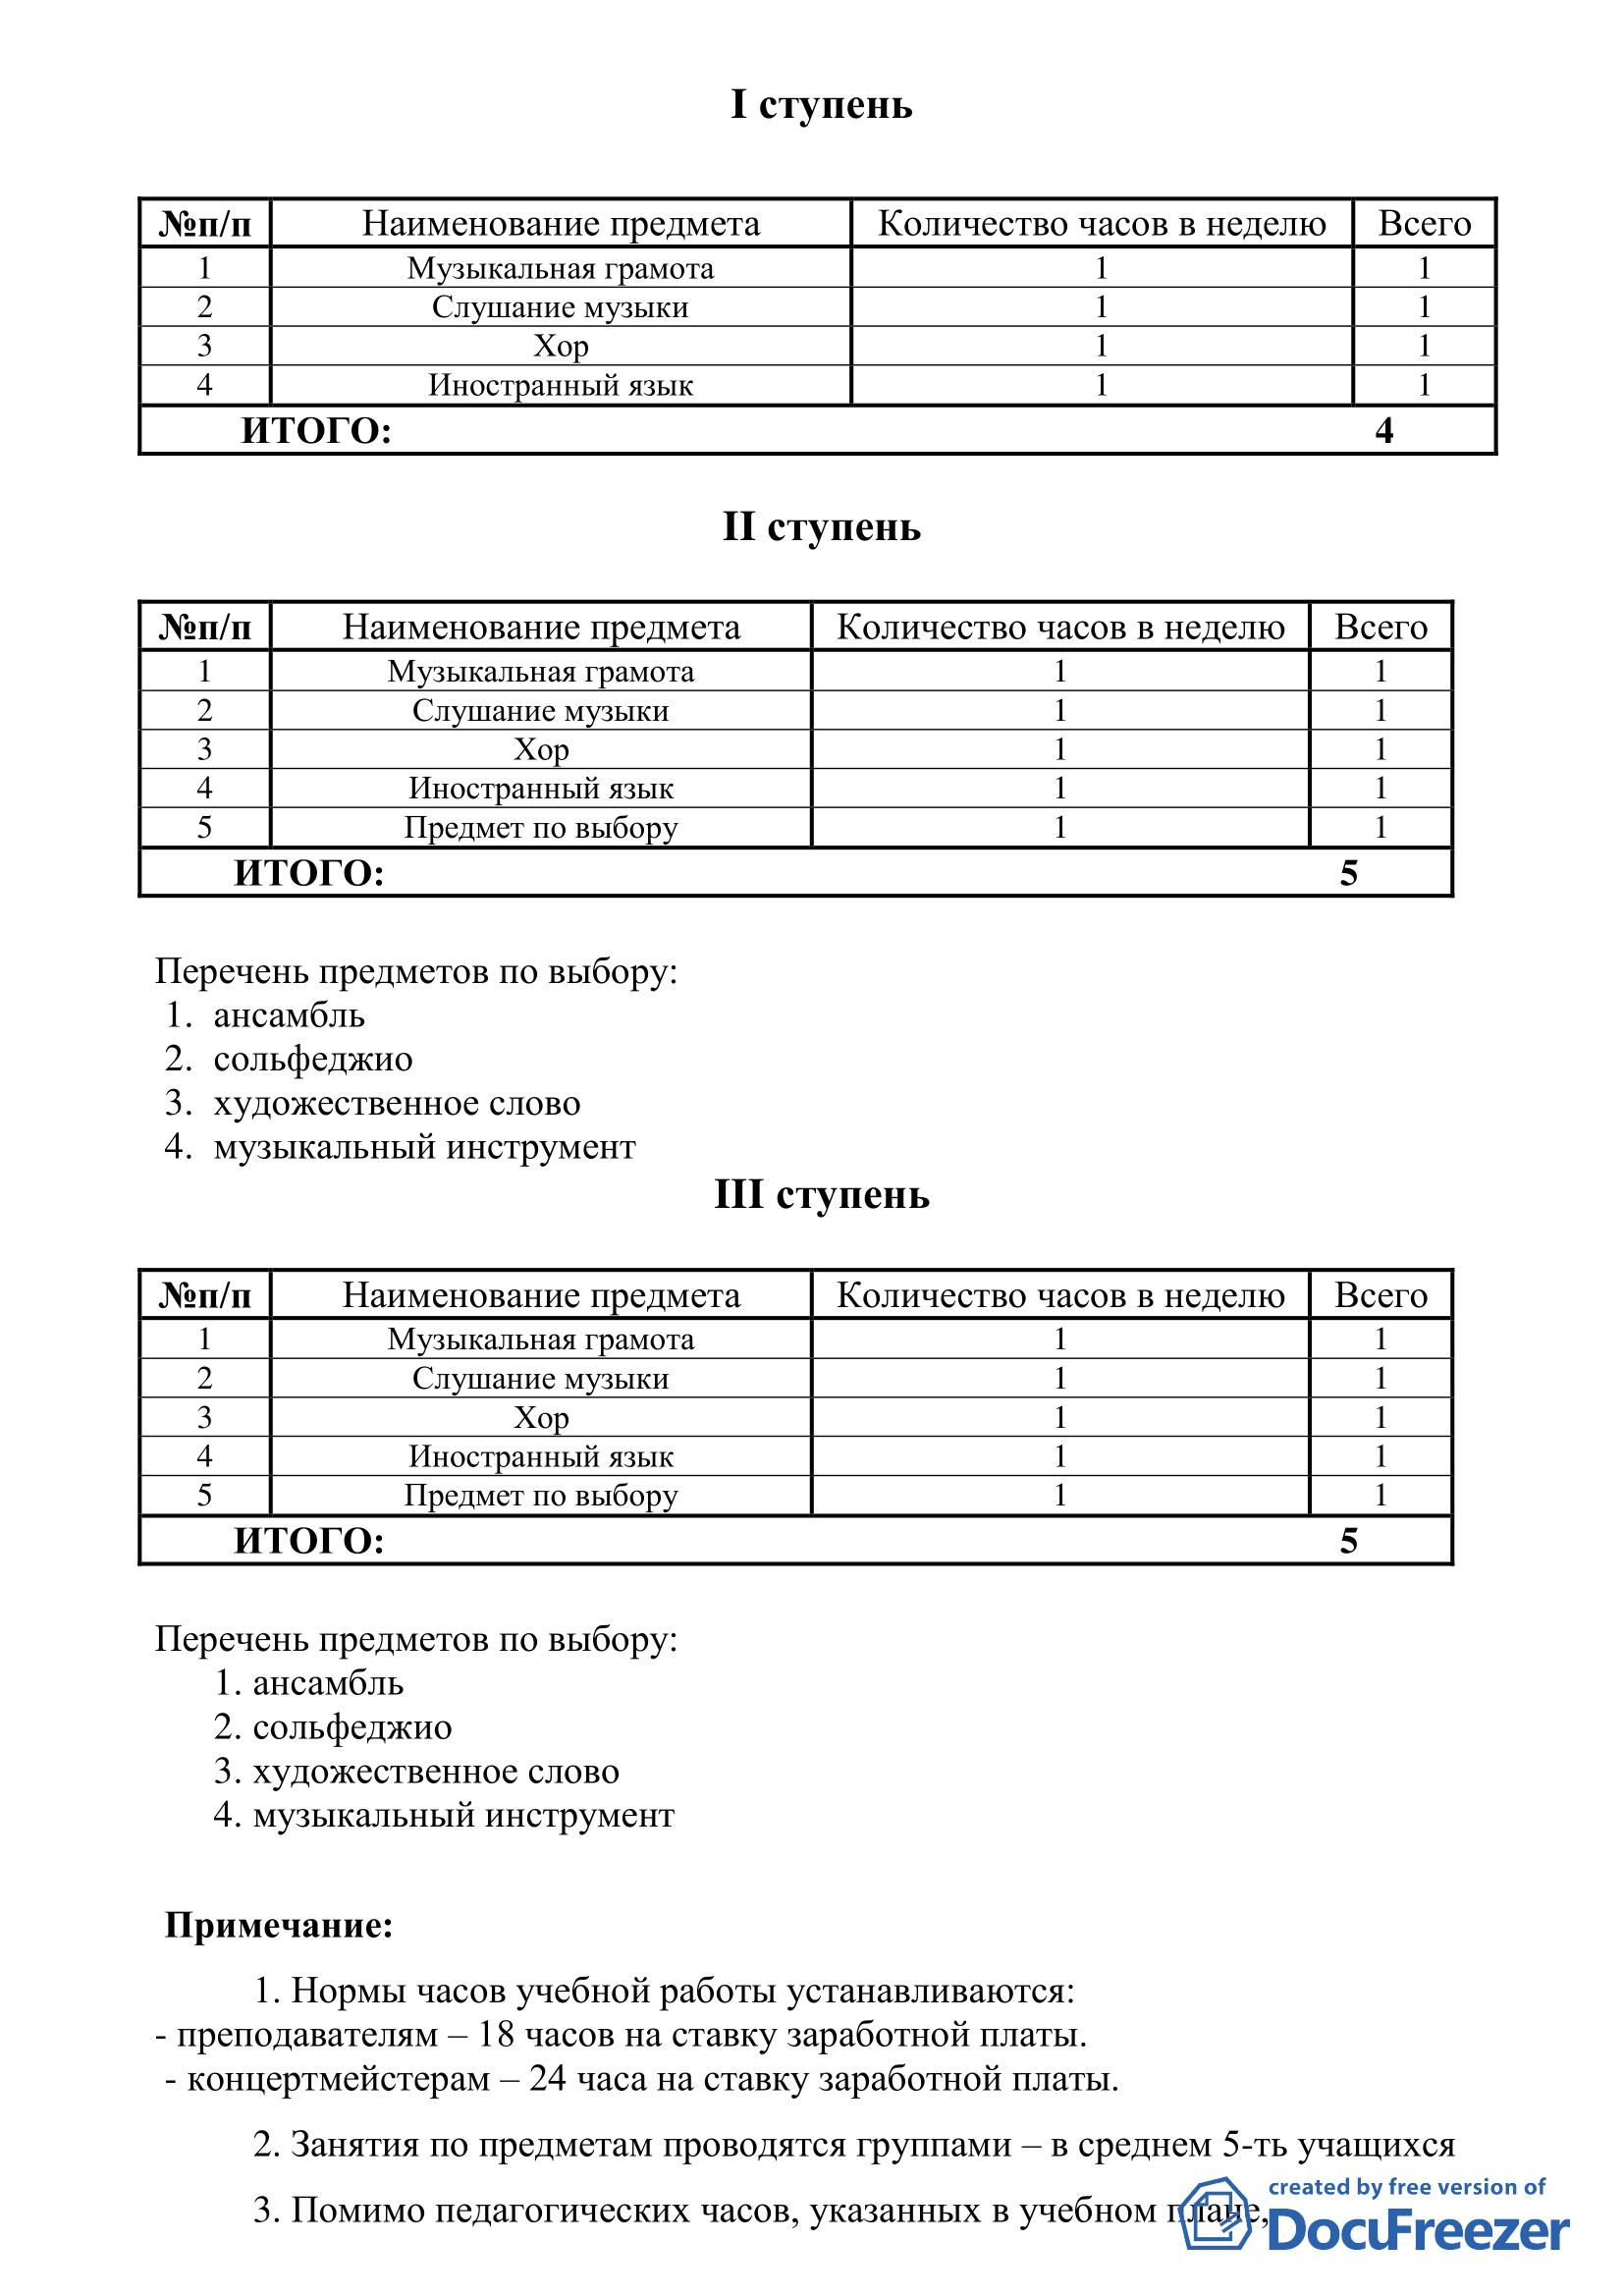 Рабочий учебный план эстет. обр. 2015-2016 уг_3